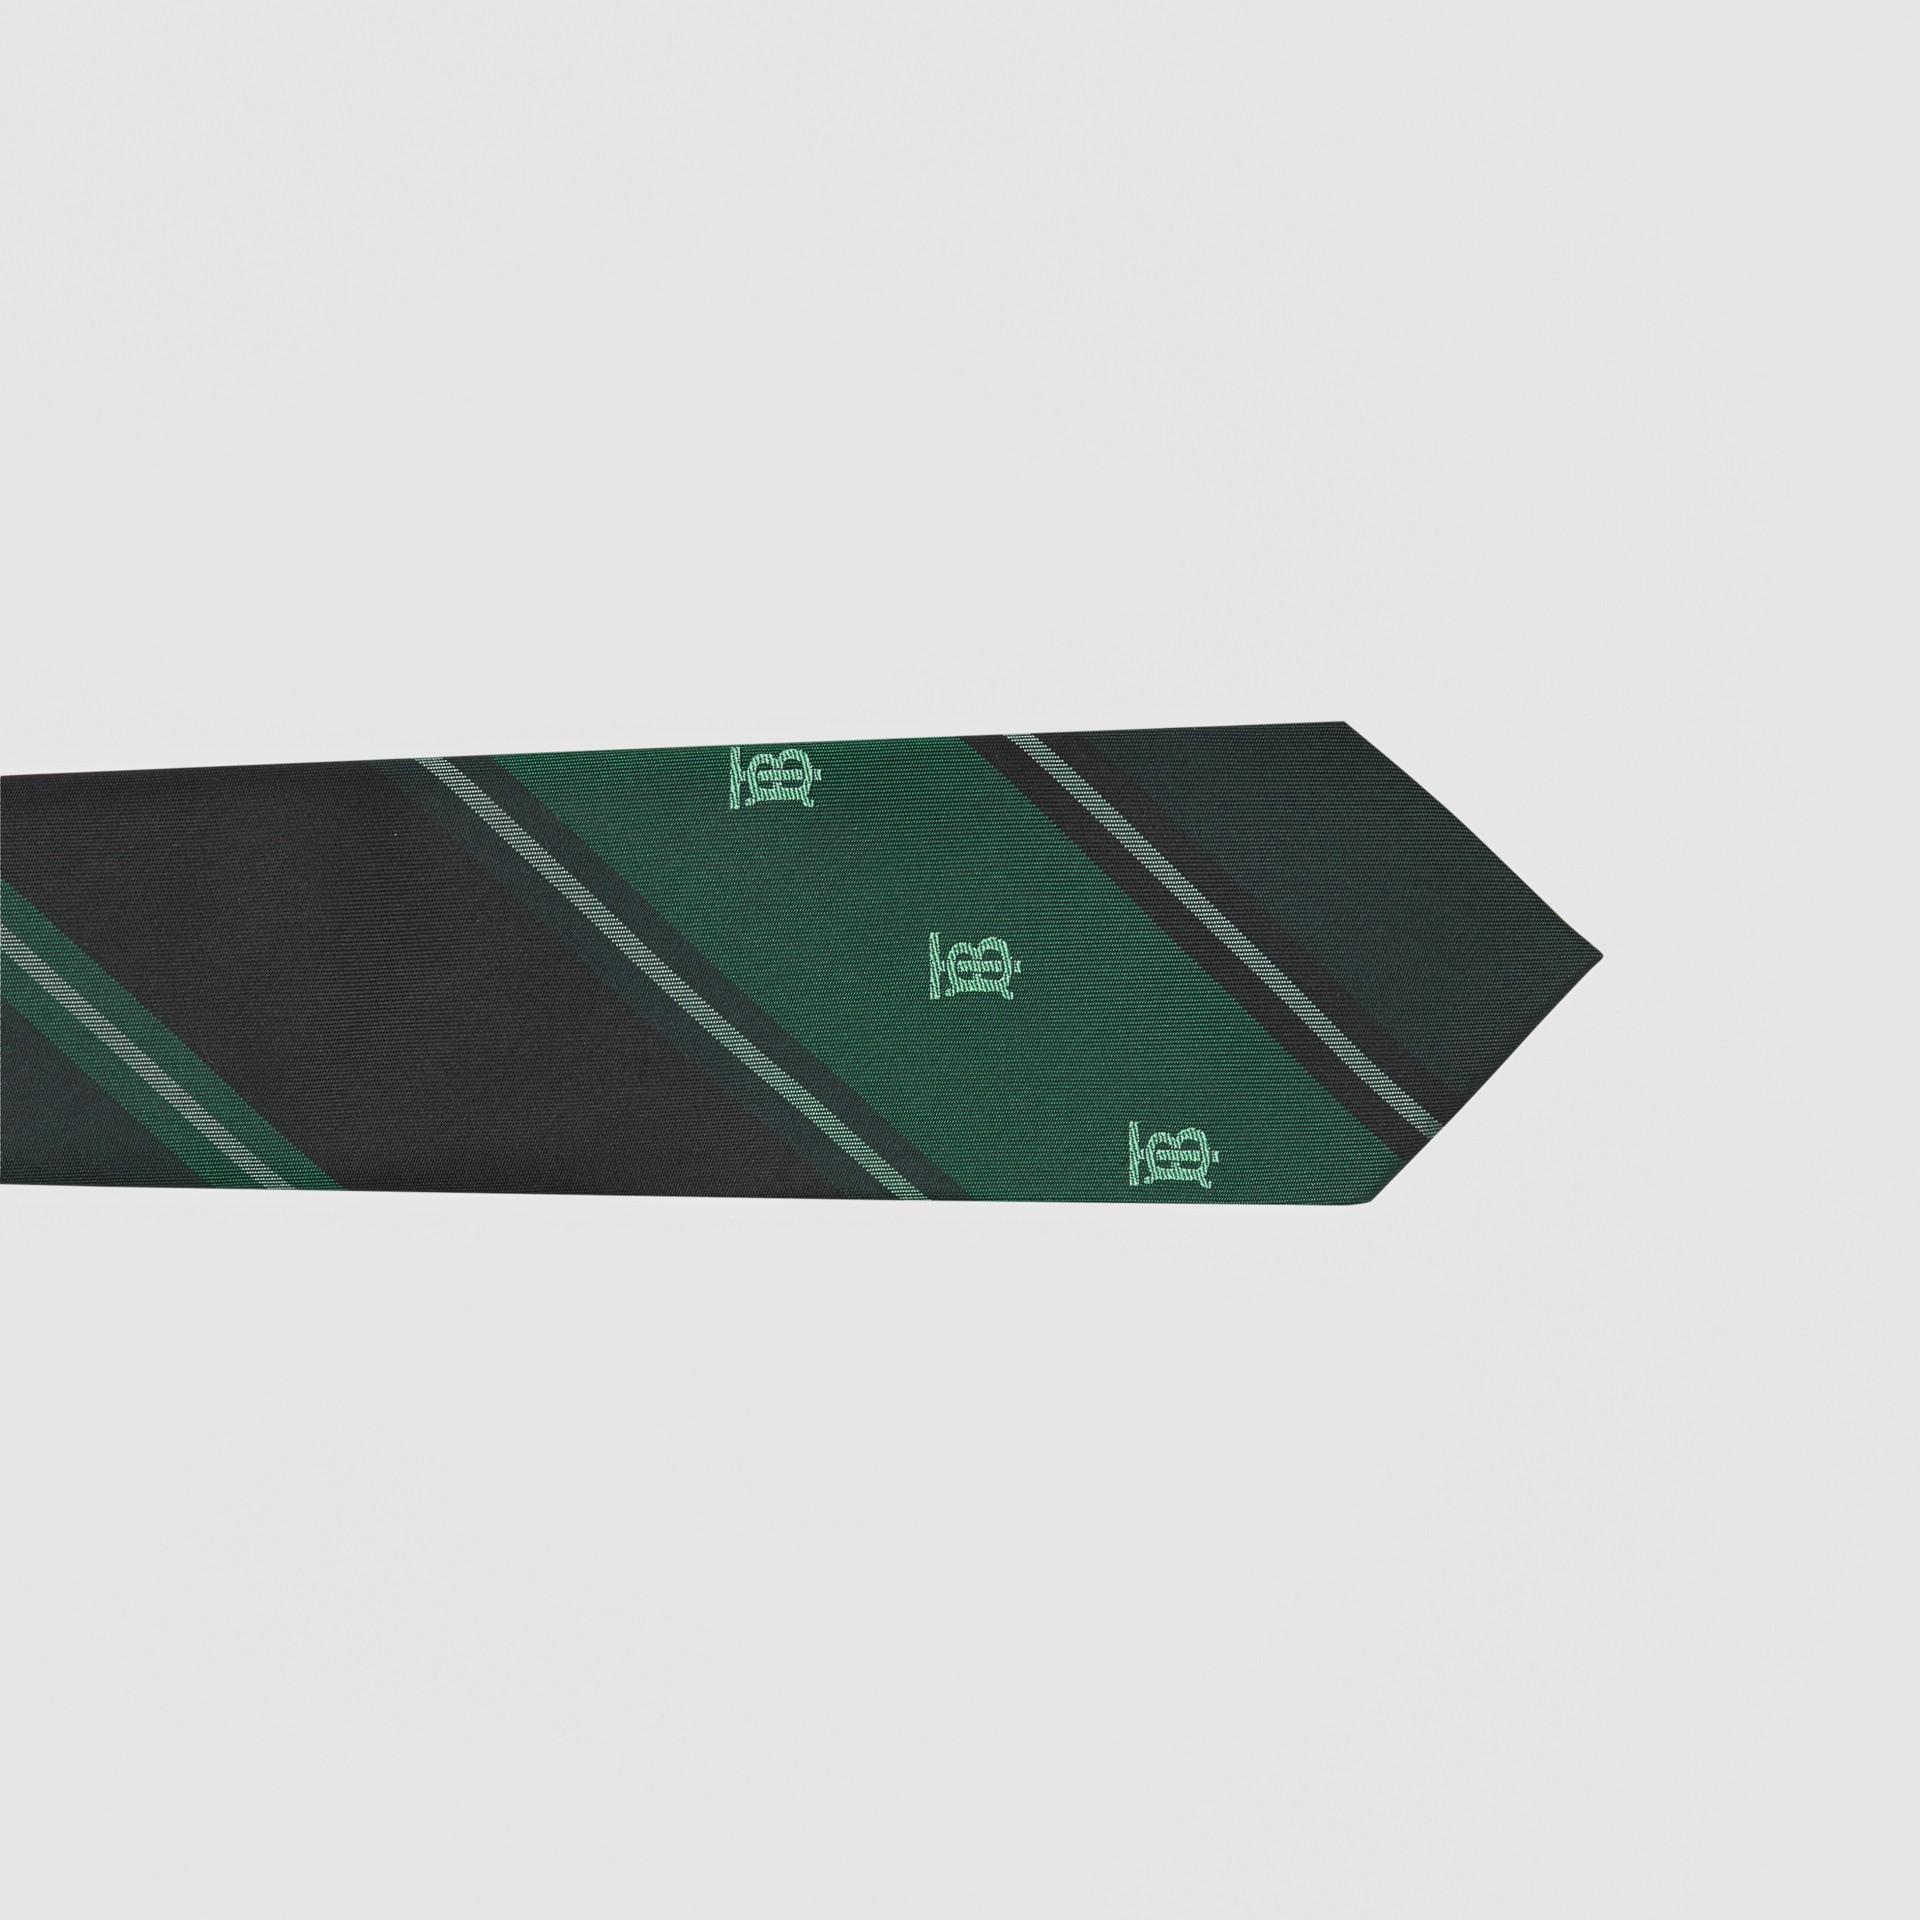 Cravate classique rayée en jacquard de soie Monogram (Vert Forêt) - Homme | Burberry Canada - photo de la galerie 1